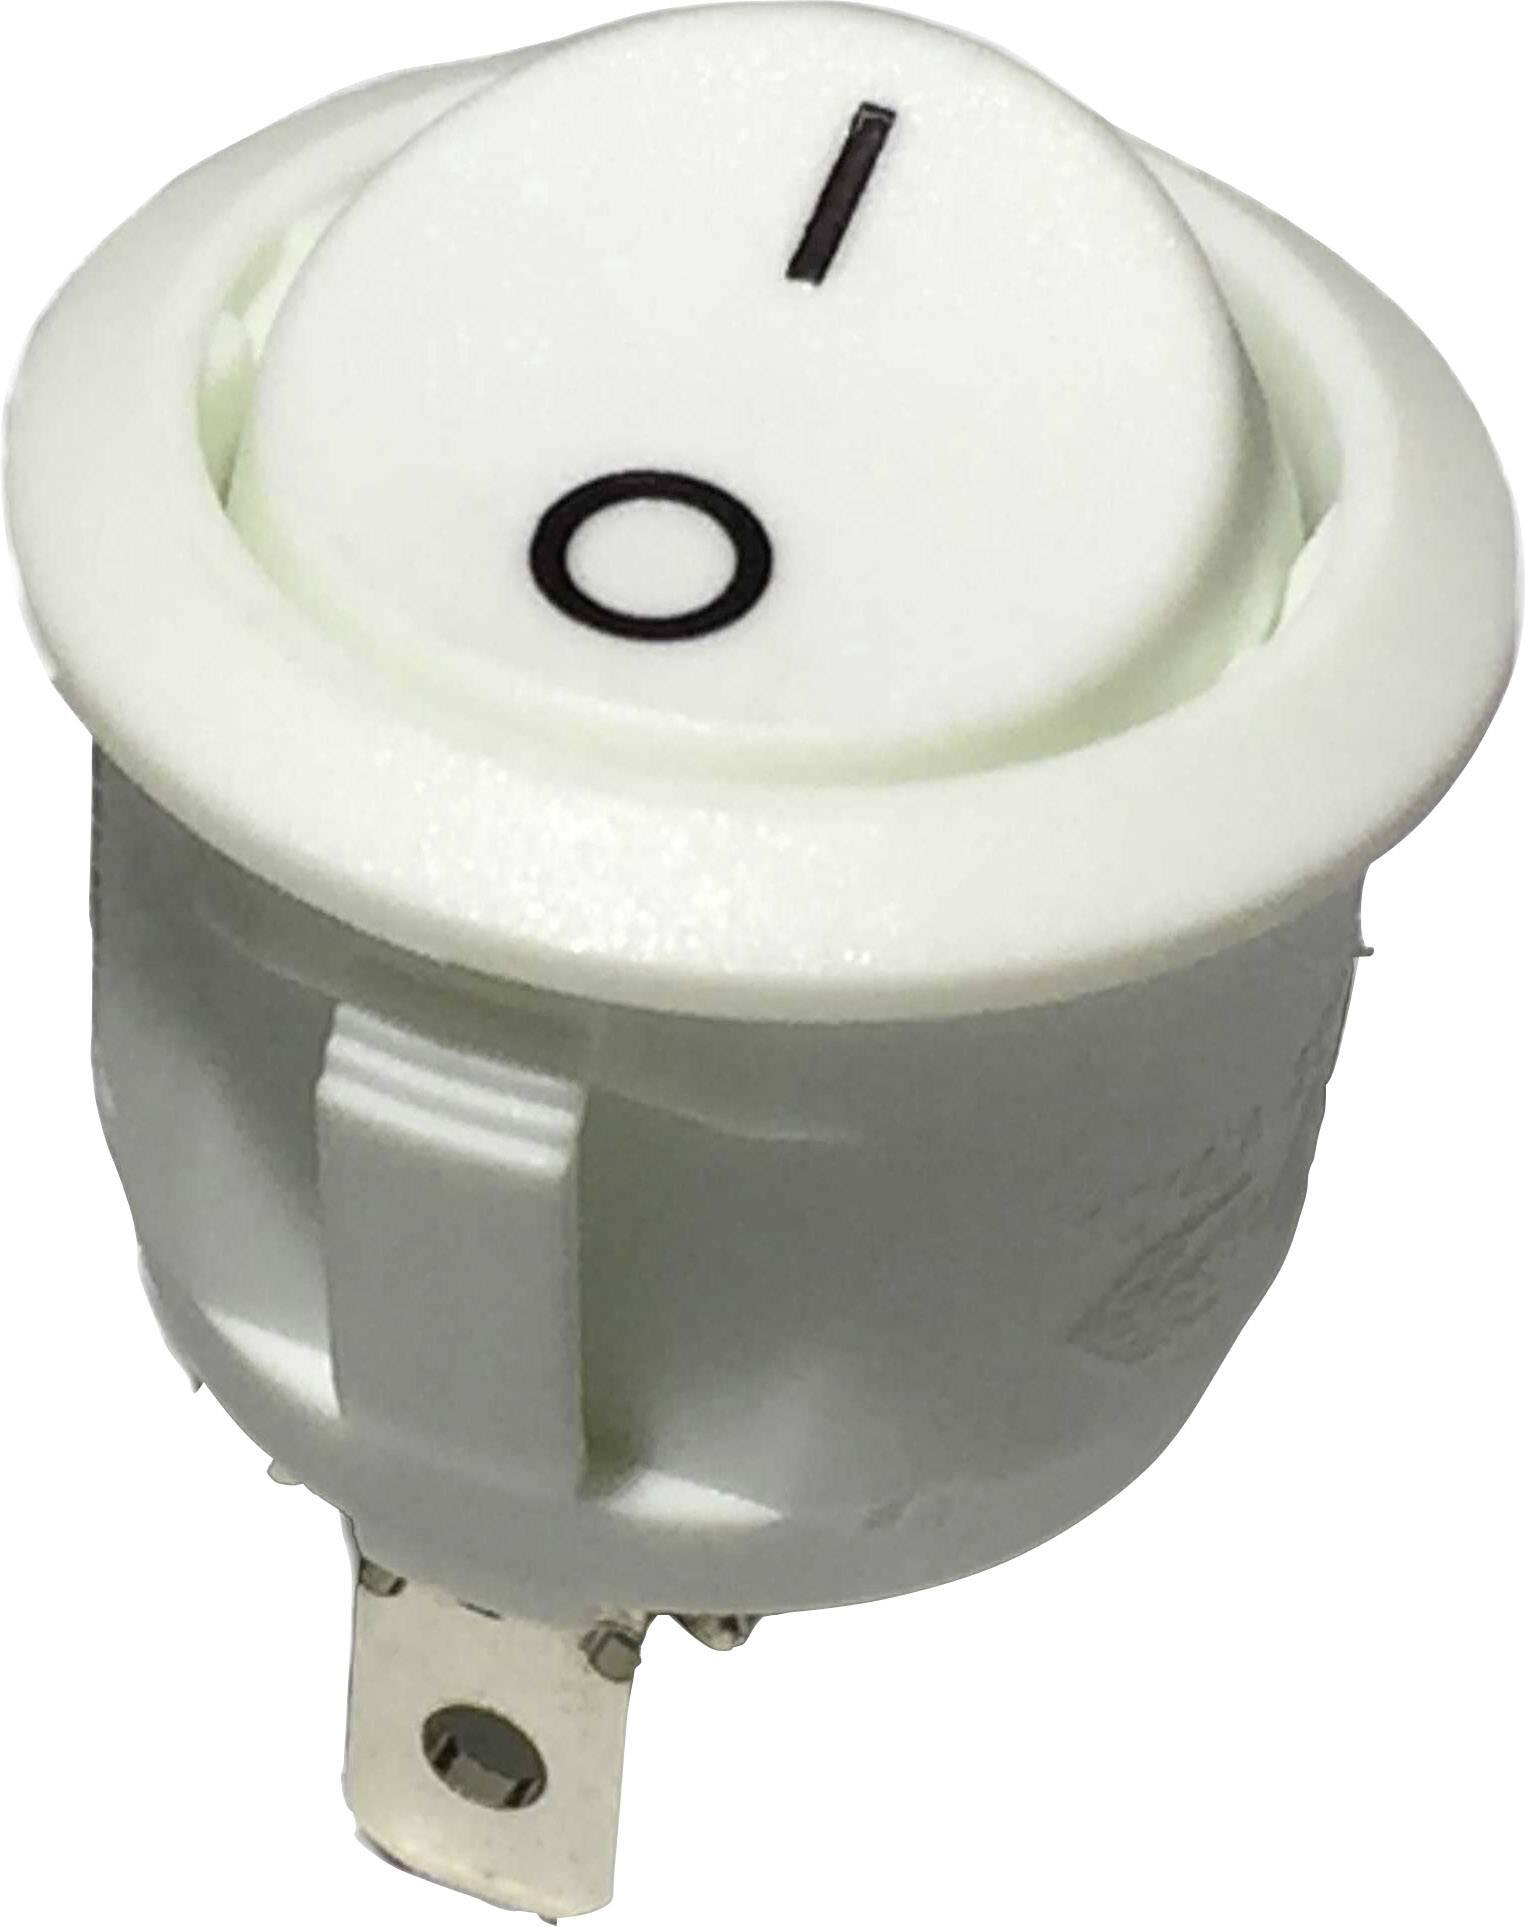 Kolískový spínač s aretáciou R13-112A W/W PRINT 0/I, 250 V/AC, 6 A